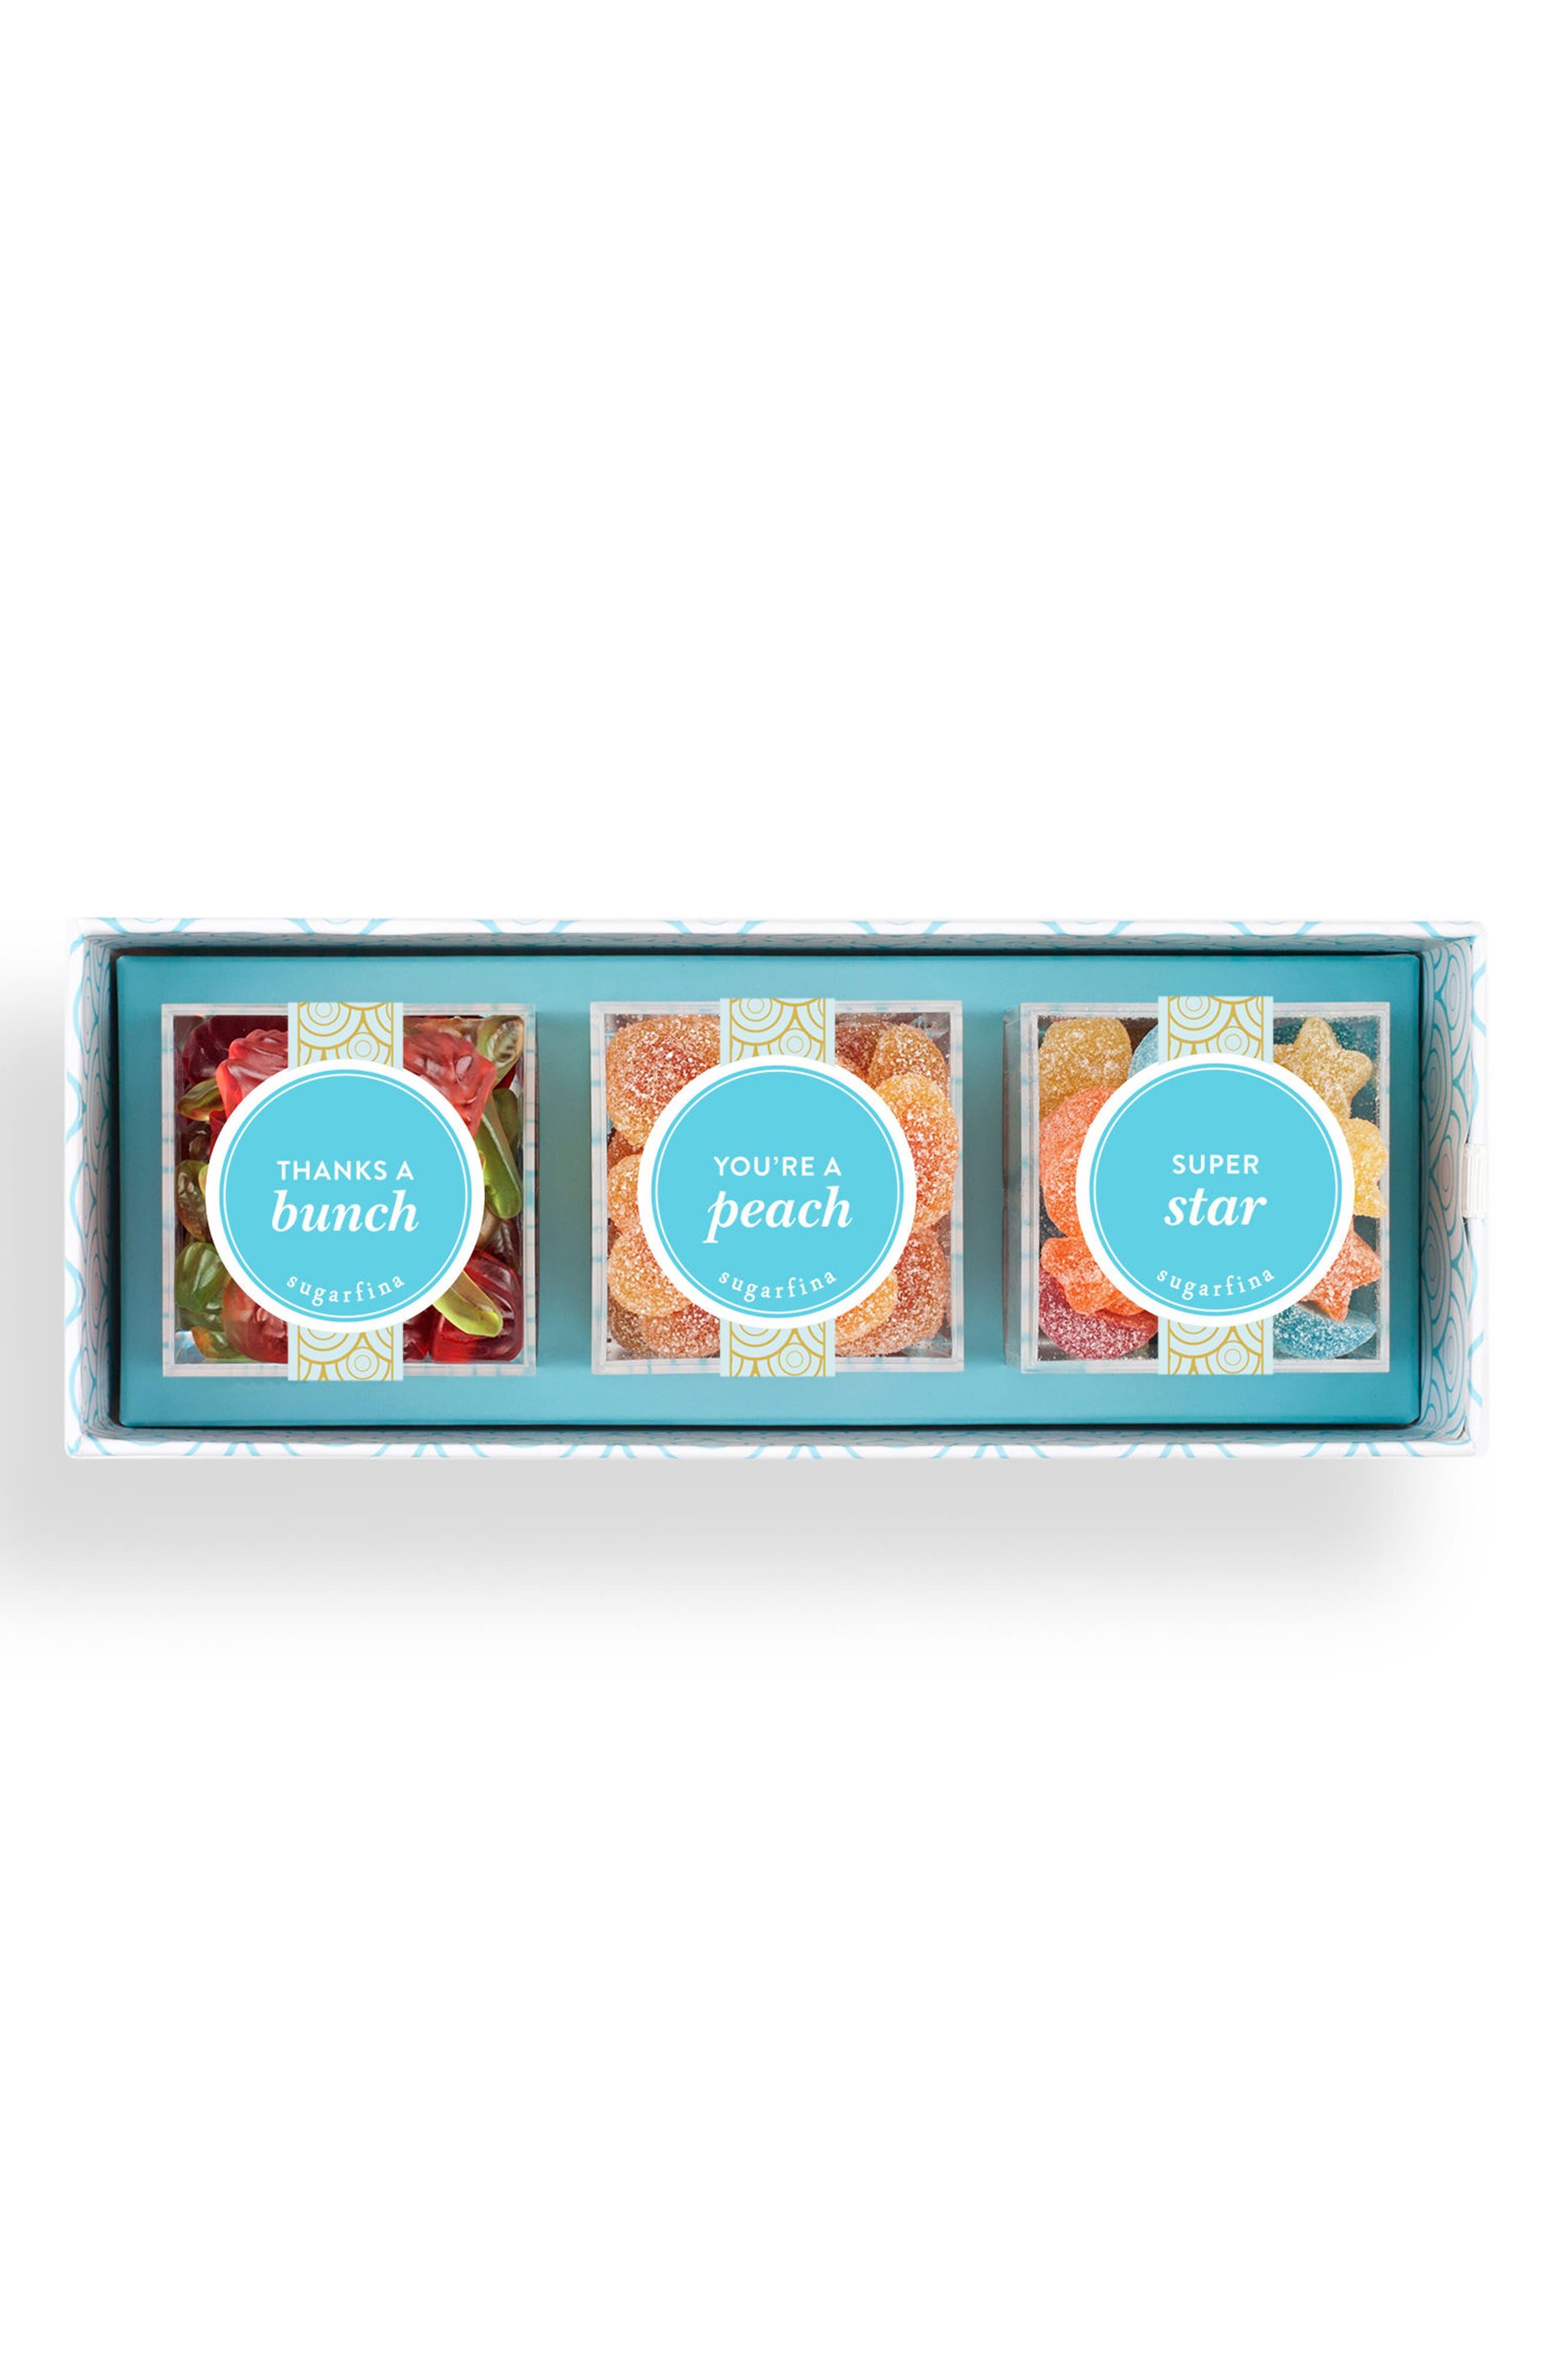 Thank You 3-Piece Candy Bento Box,                         Main,                         color, 700